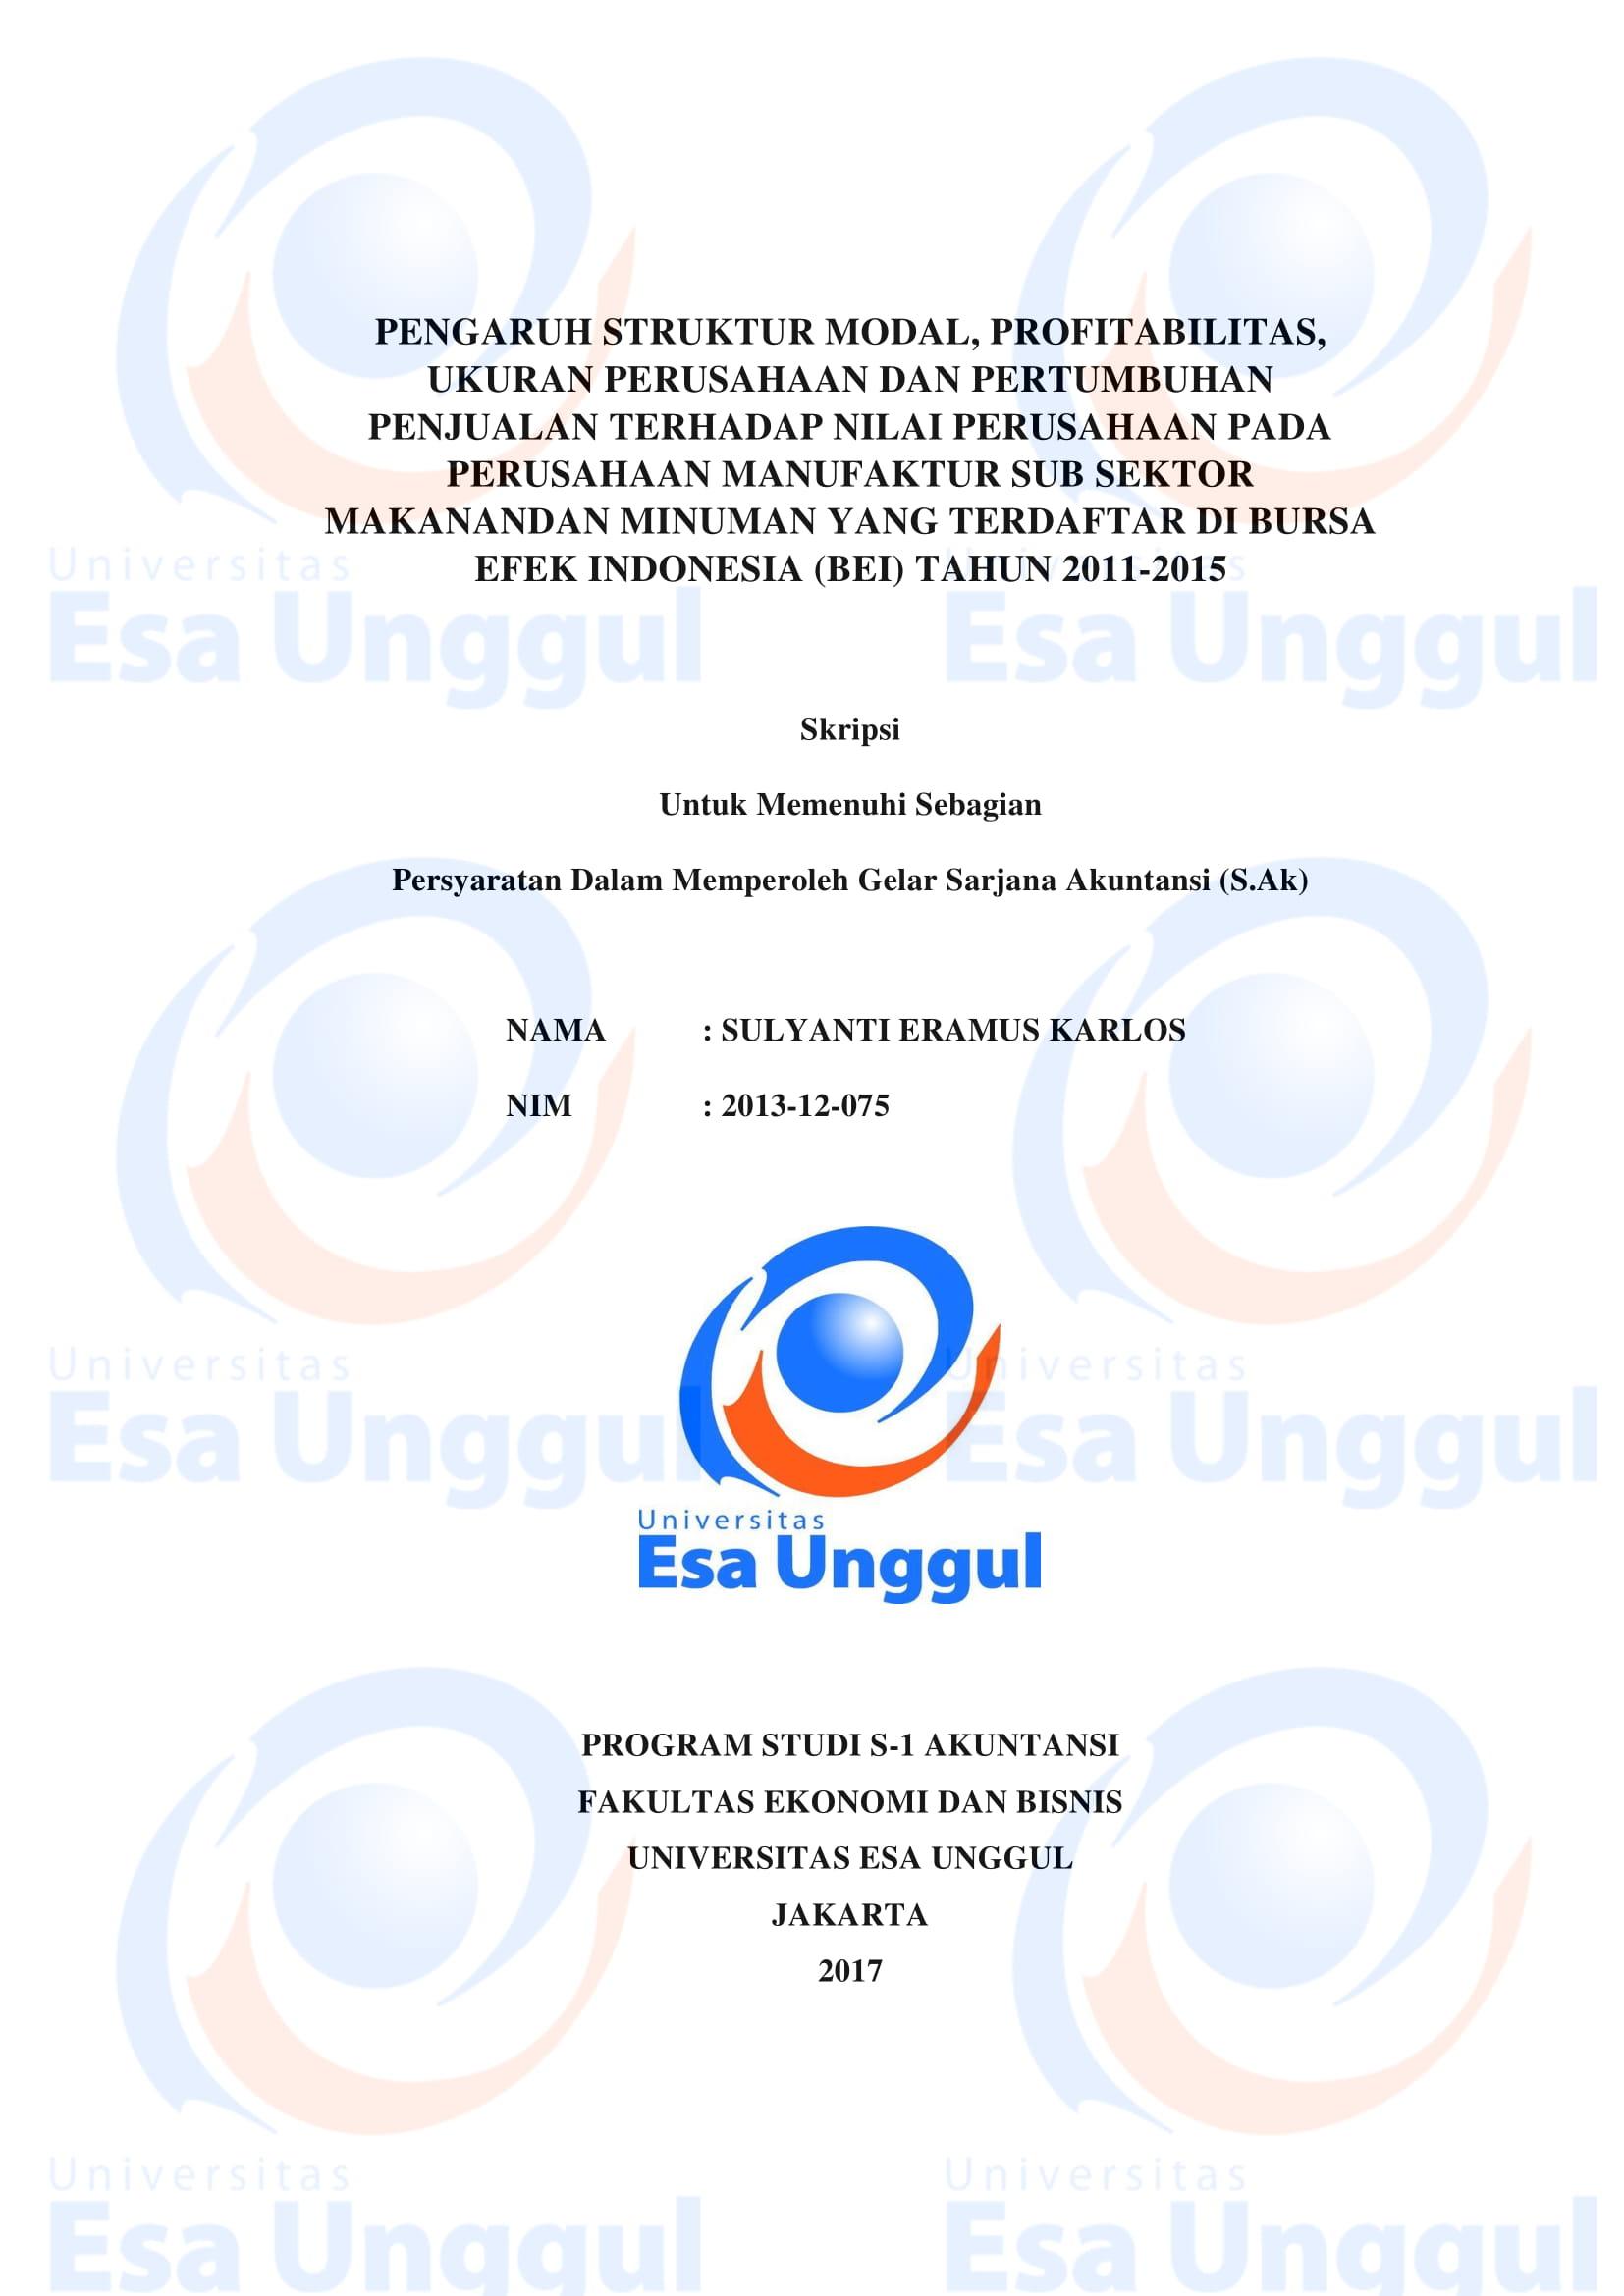 Pengaruh Struktur Modal, Profitabilitas, Ukuran Perusahaan dan Pertumbuhan Penjualan Terhadap Nilai Perusahaan pada Perusahaan Manufaktur Sub Sektor Makanan dan Minuman yang Terdaftar di Bursa Efek Indonesia (BEI) Tahun 2011 – 2015